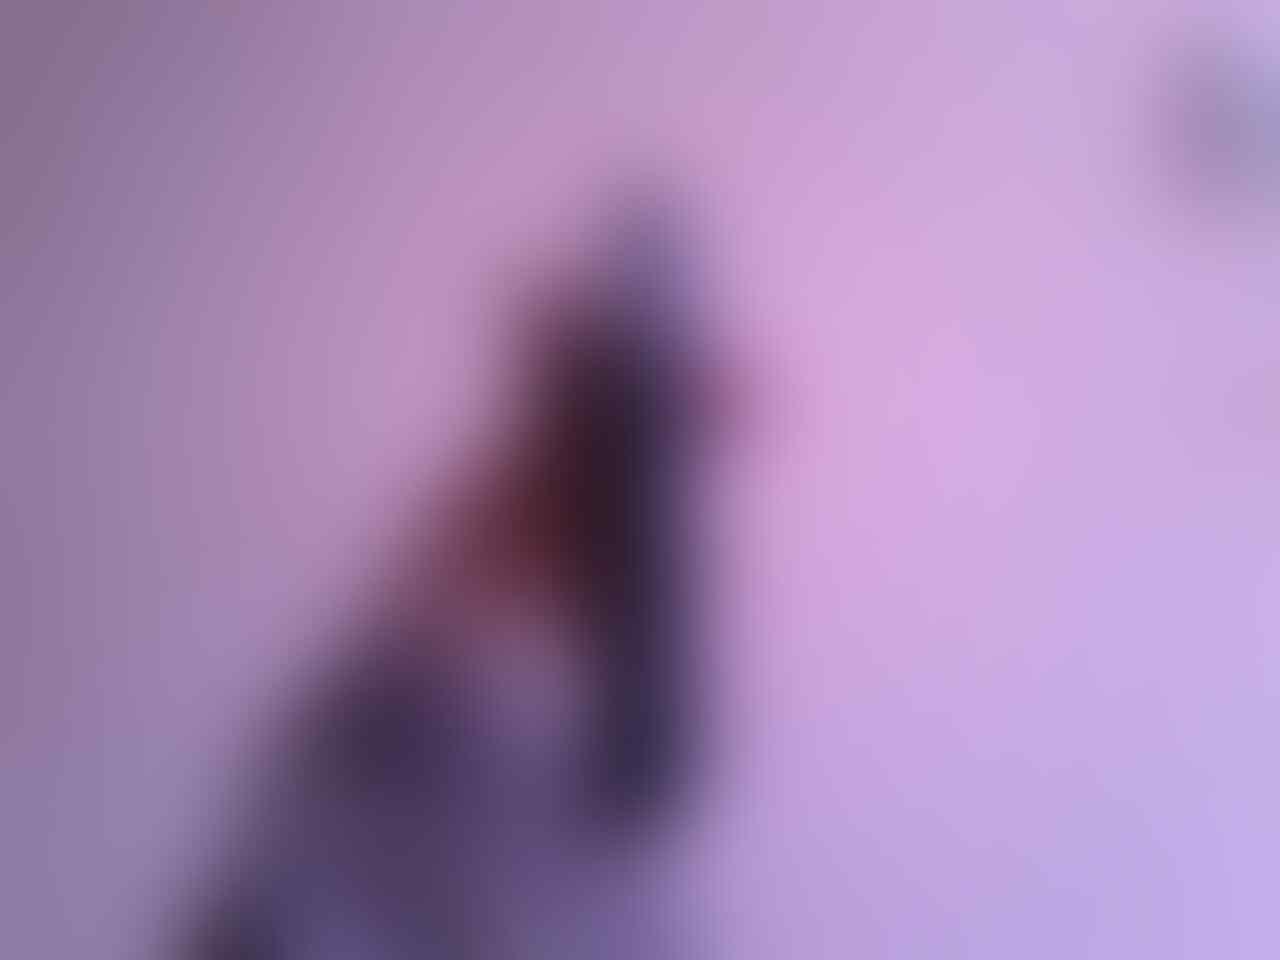 WTS Blackberry 9220 Davis black fullset 2nd COD Jogja gans